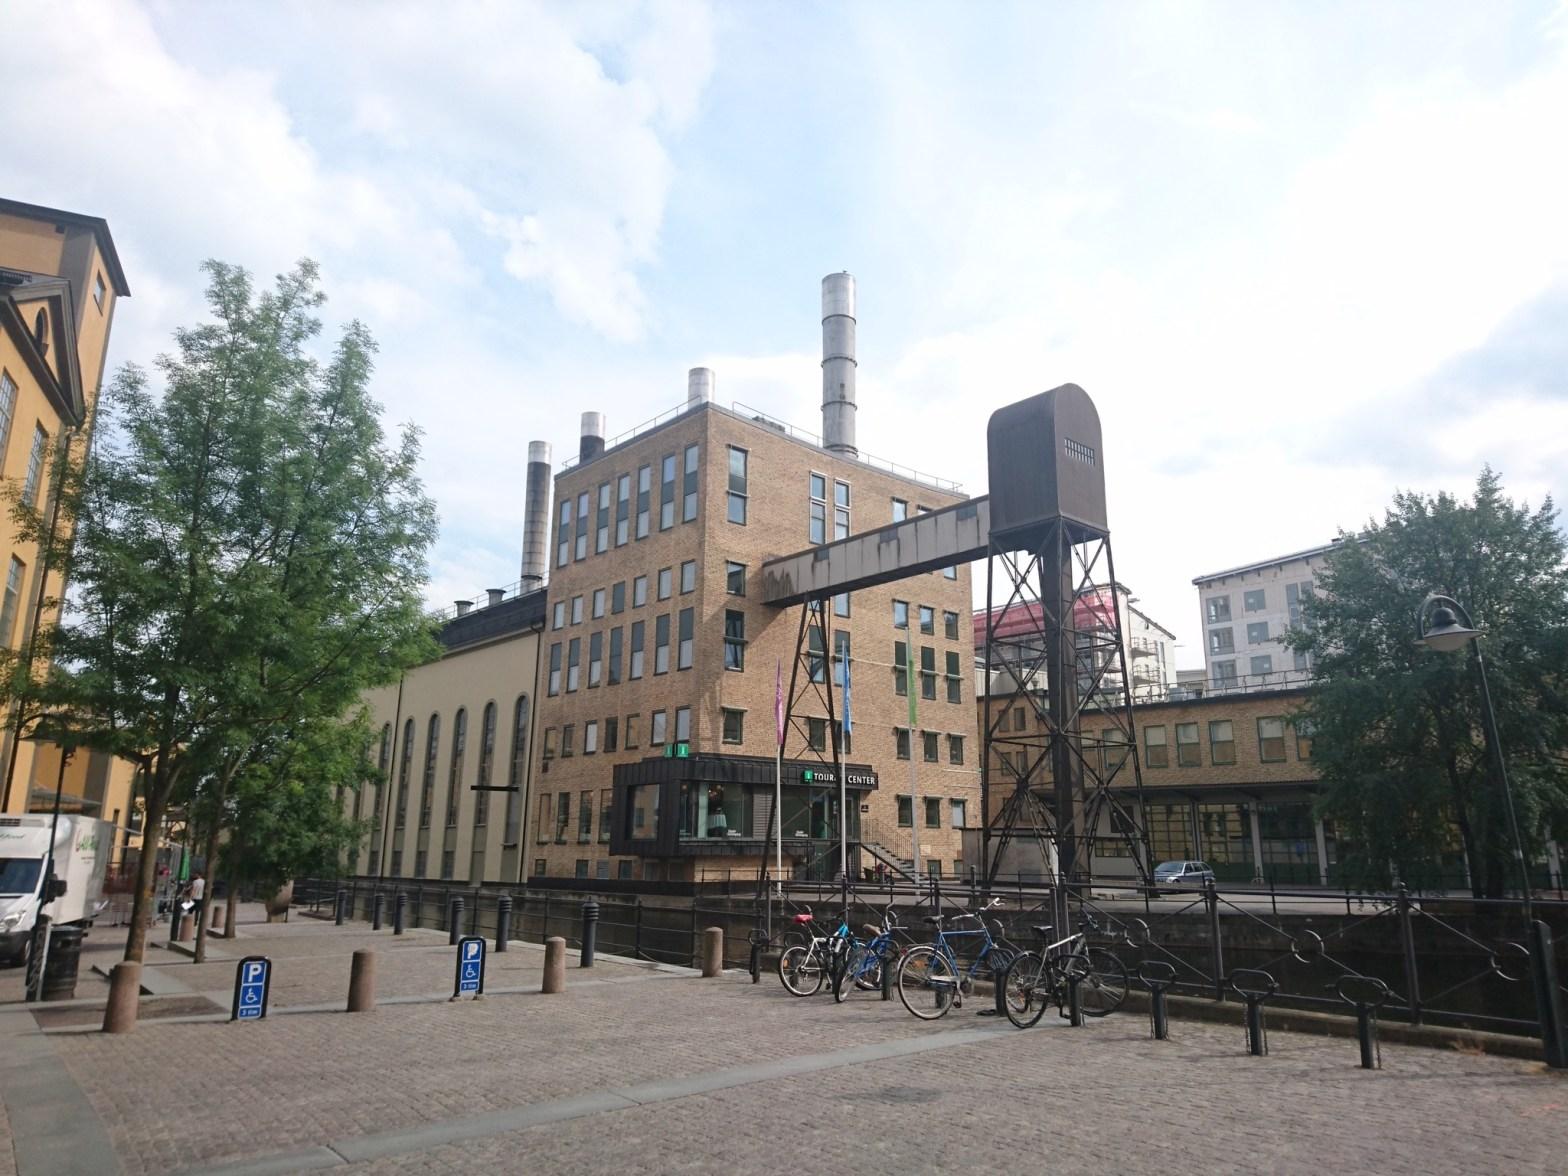 Värmekyrkan Norrköping